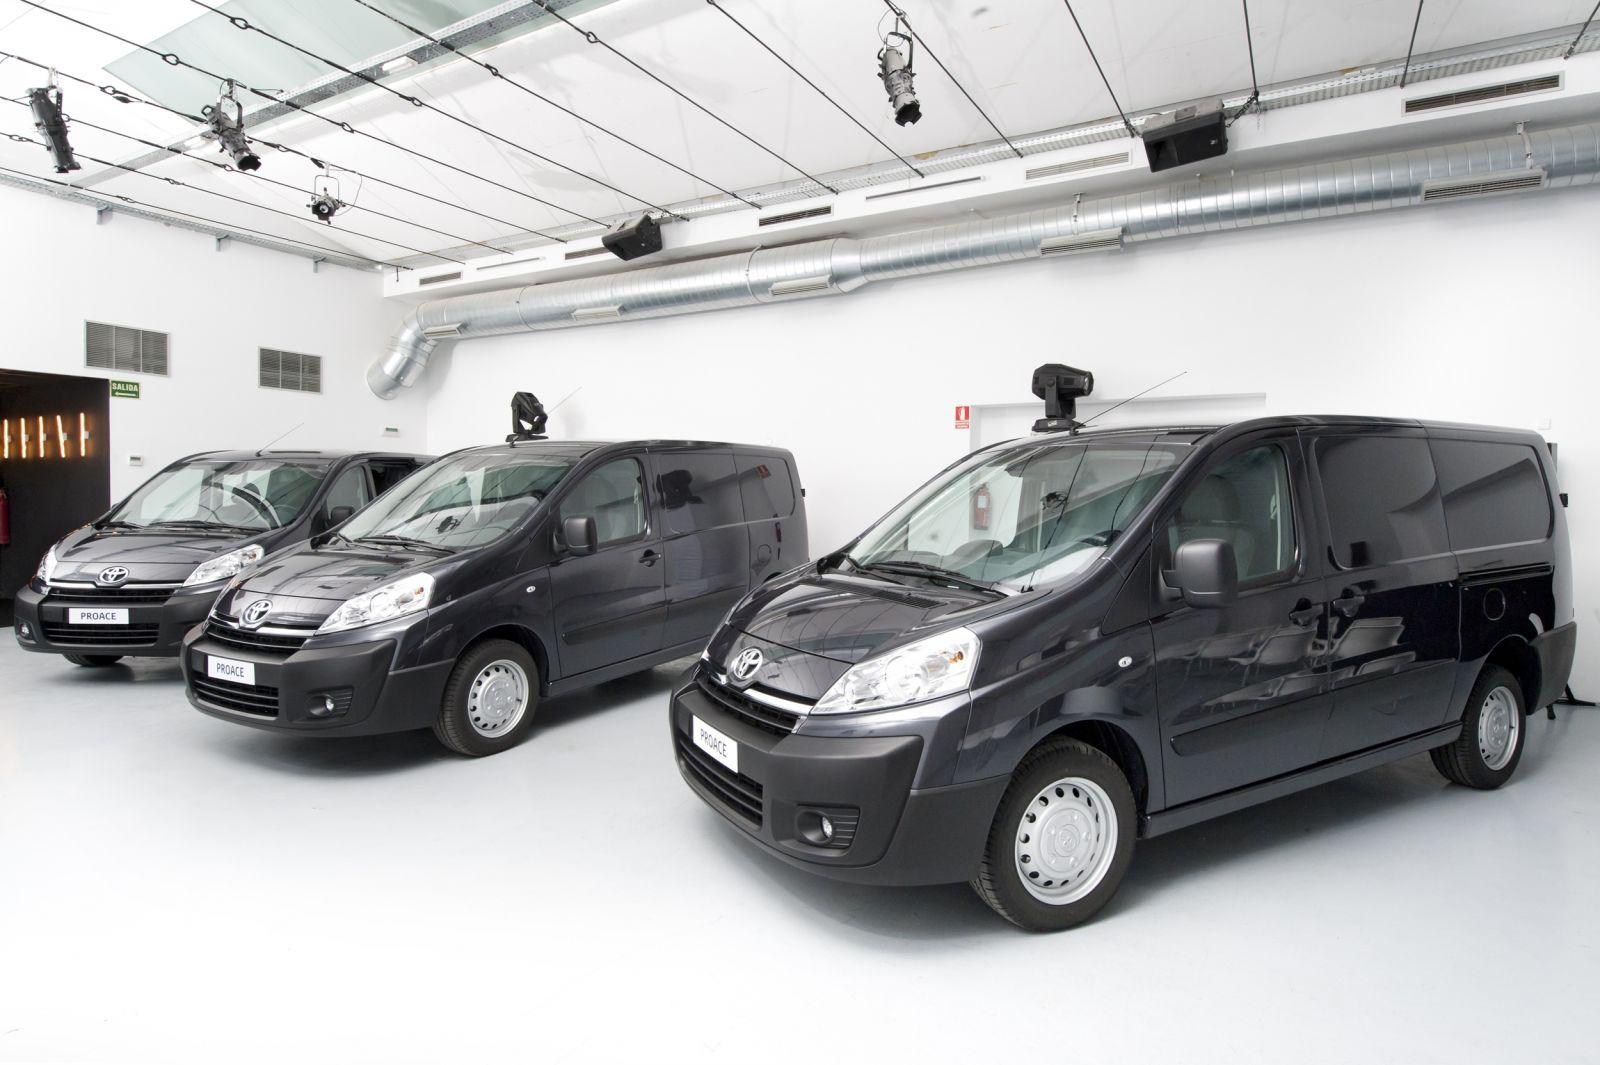 Suben las ventas de vehículos comerciales ligeros en septiembre de 2013